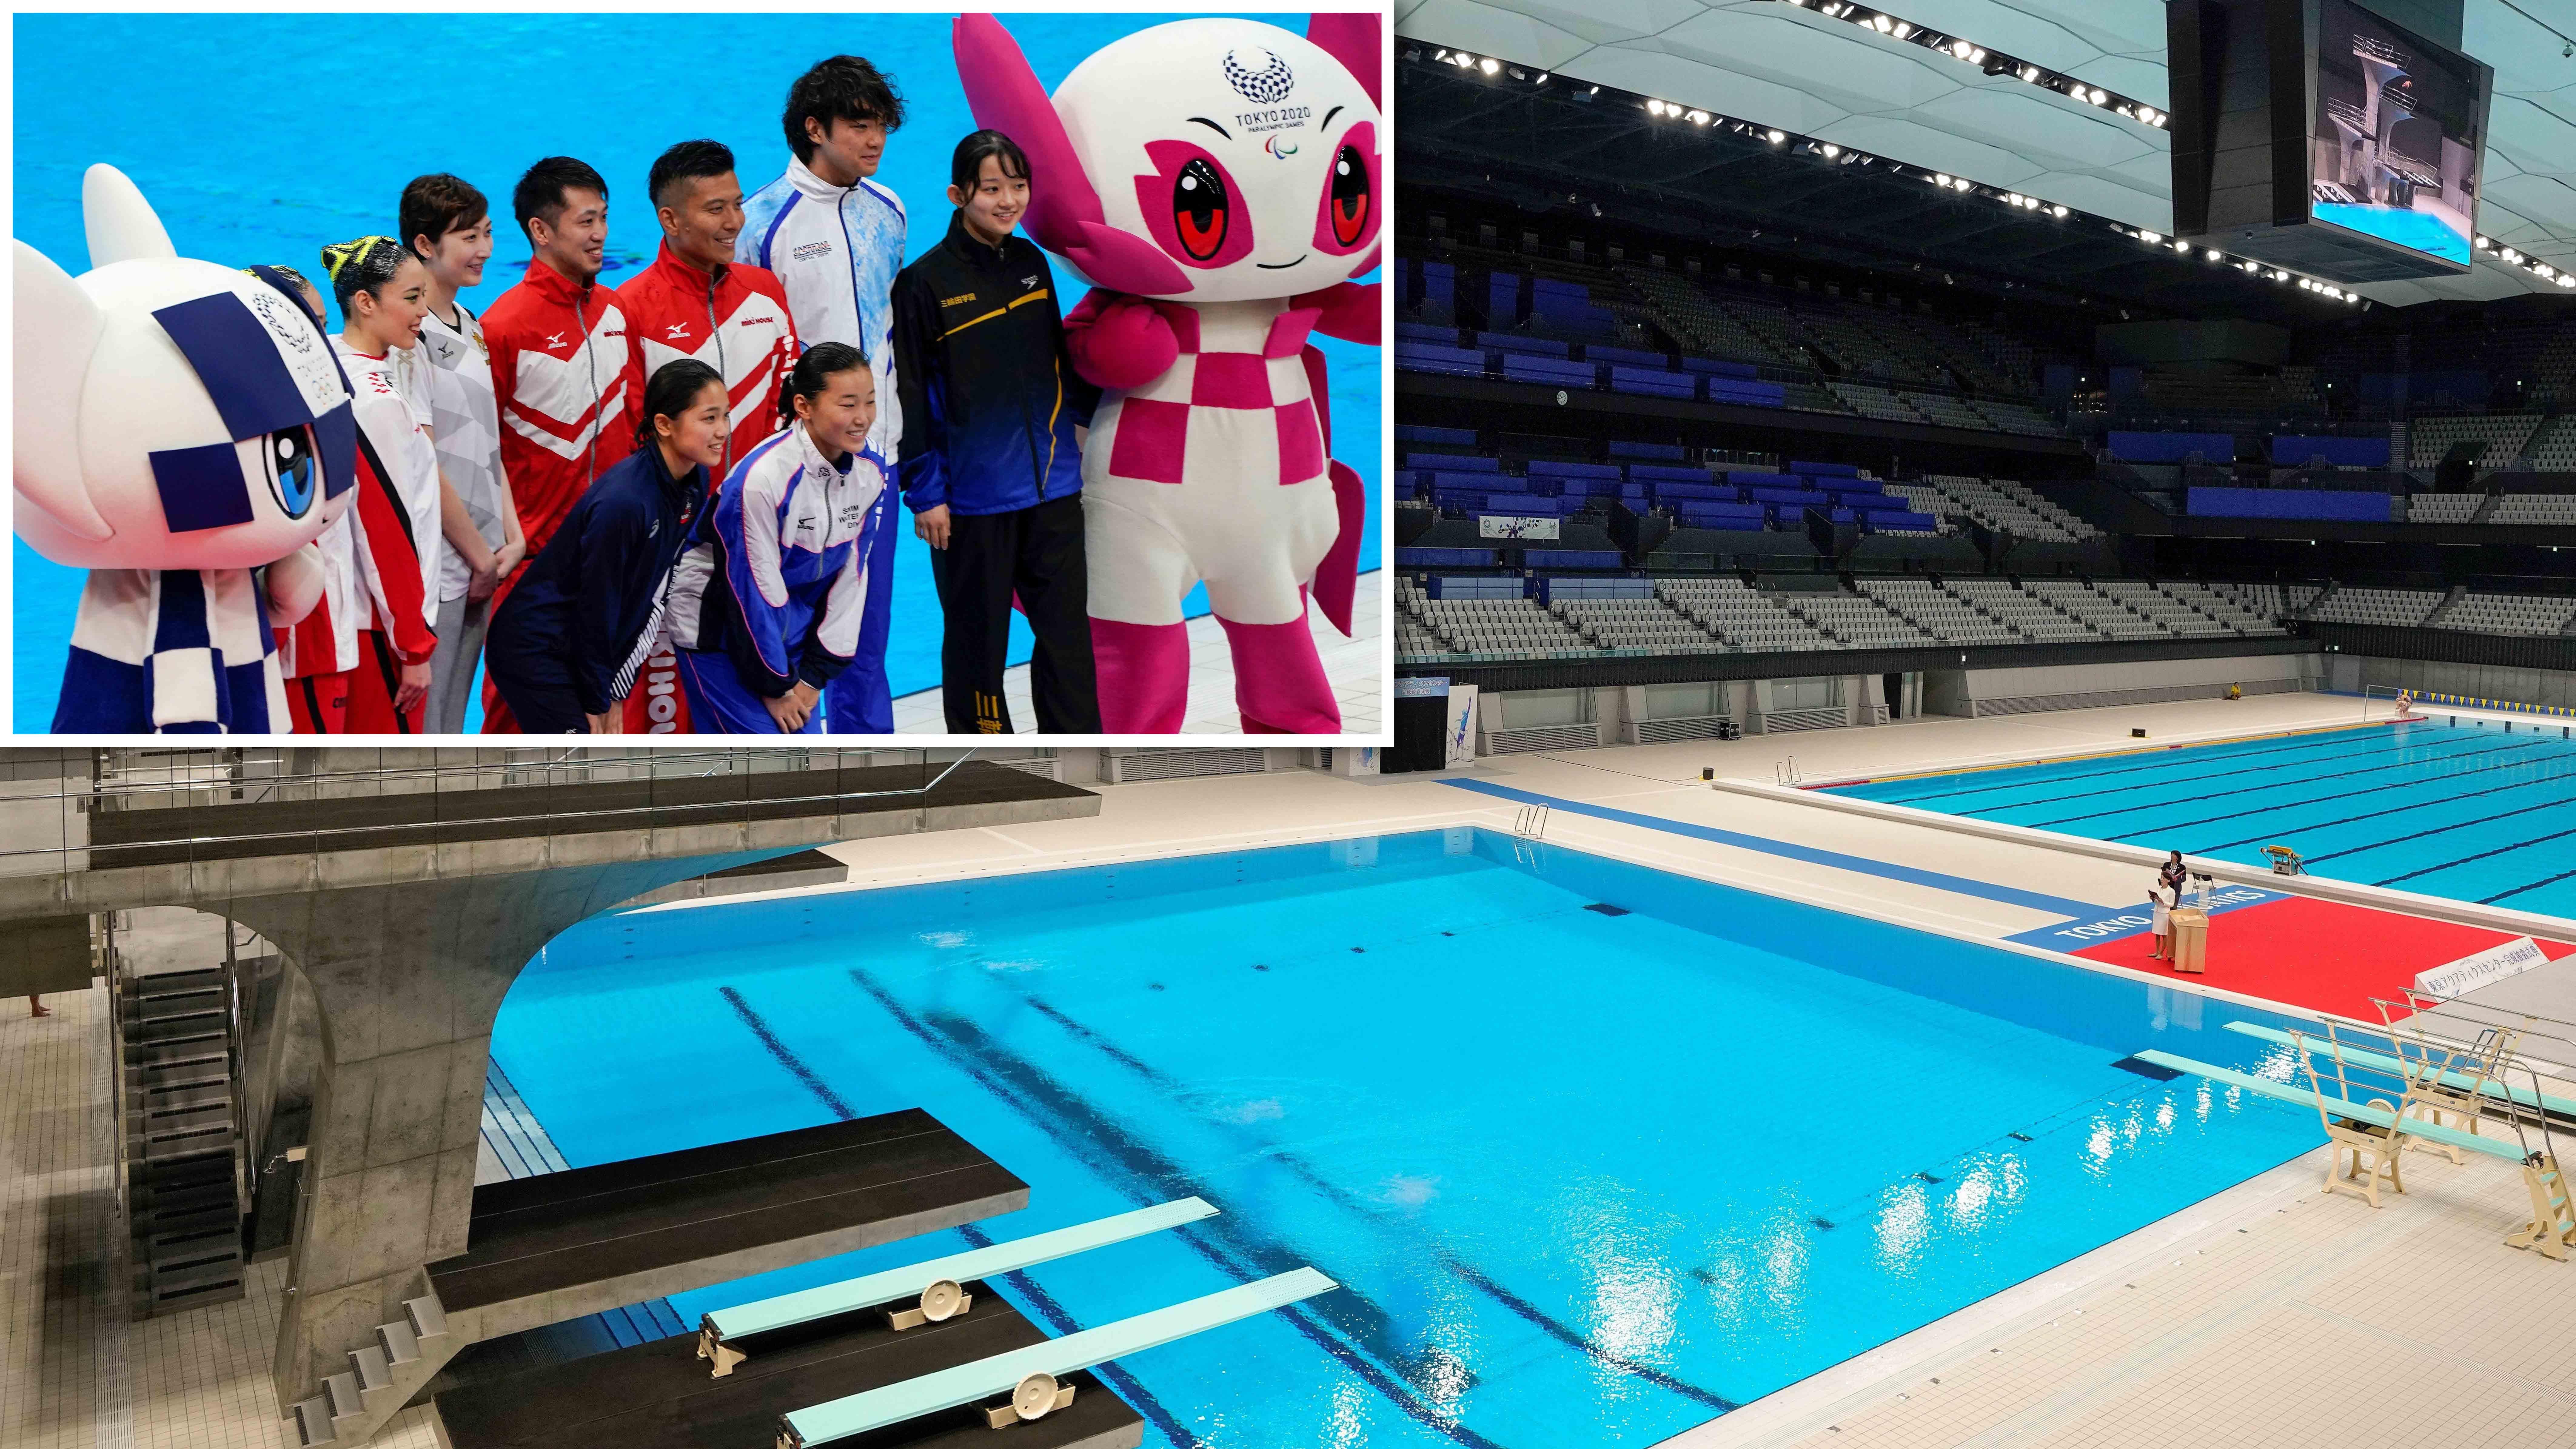 Juegos Olímpicos: inauguran centro donde se realizarán las competencias acuáticas